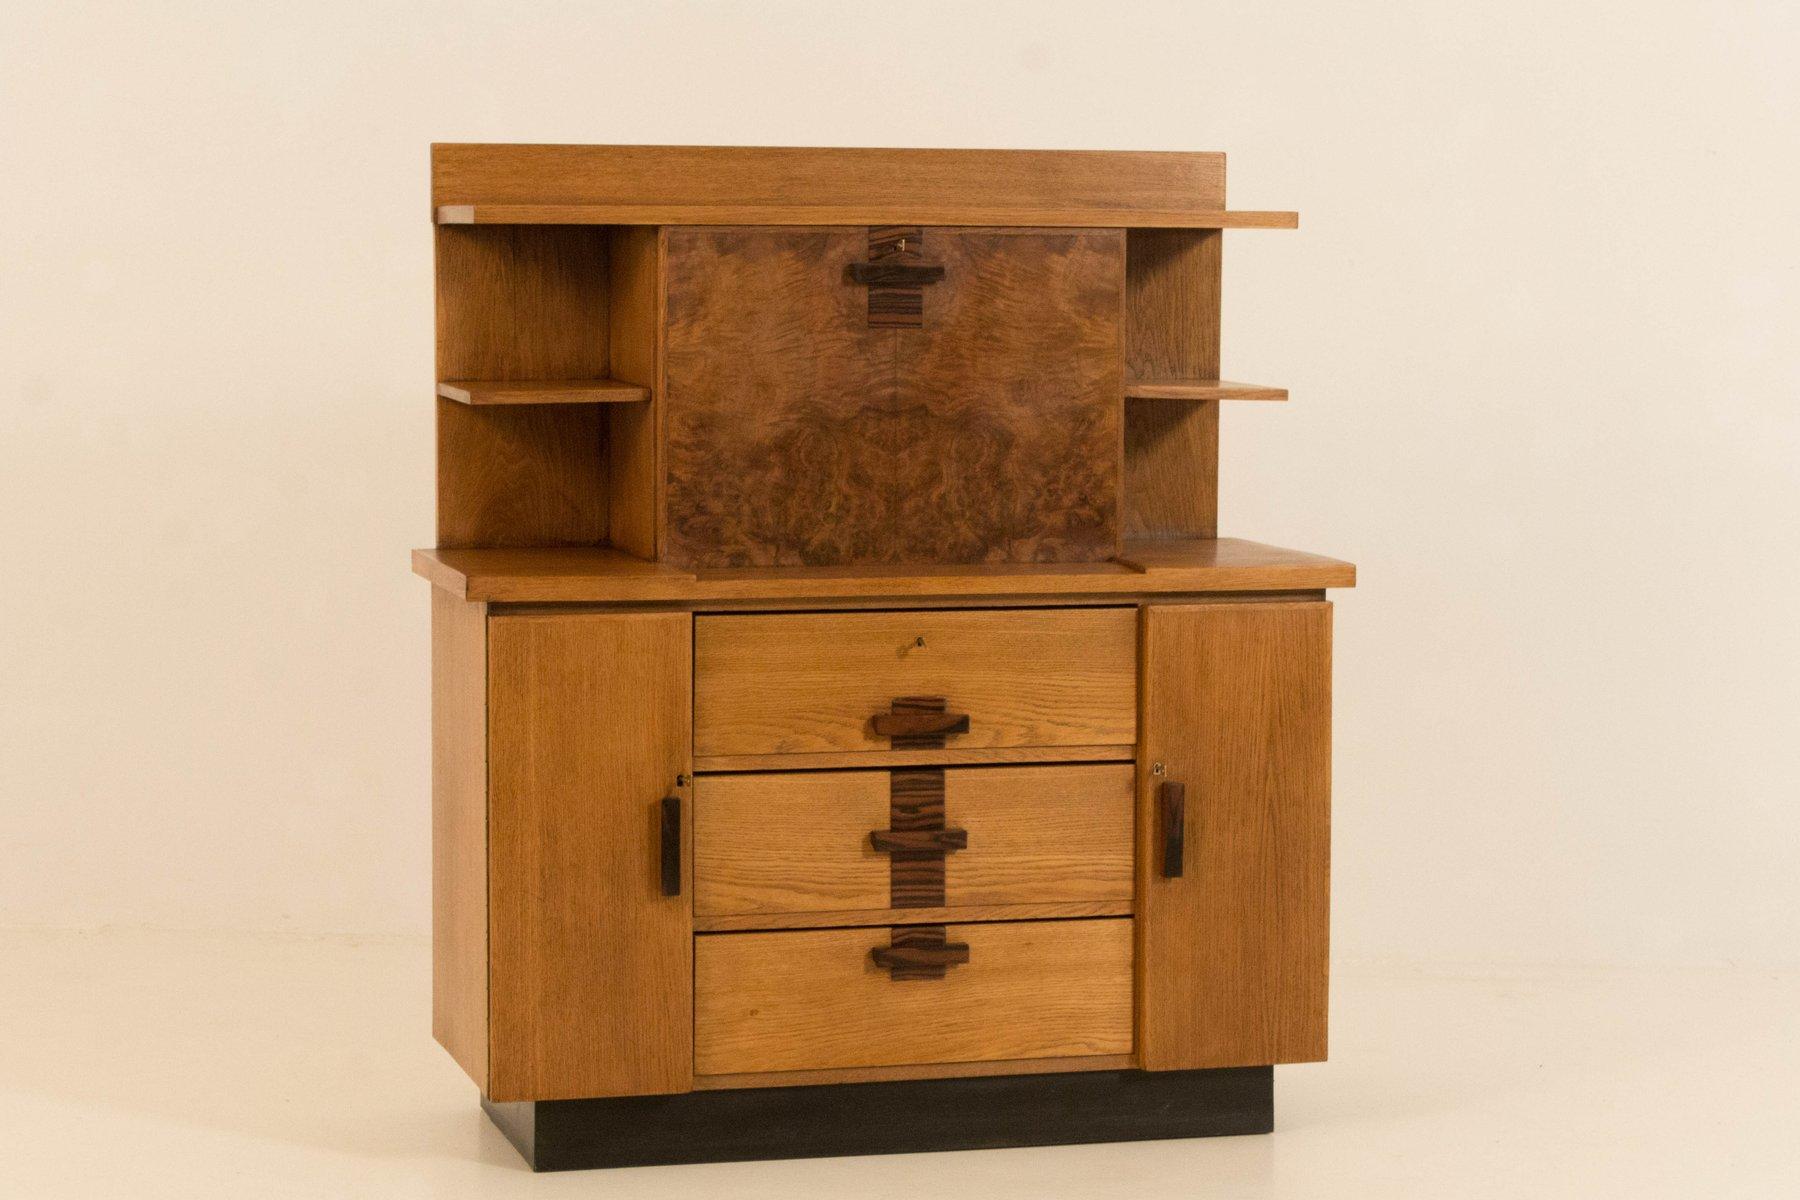 biblioth que art d co ecole de hague avec bureau trappe par p e l izeren pour genneper molen. Black Bedroom Furniture Sets. Home Design Ideas